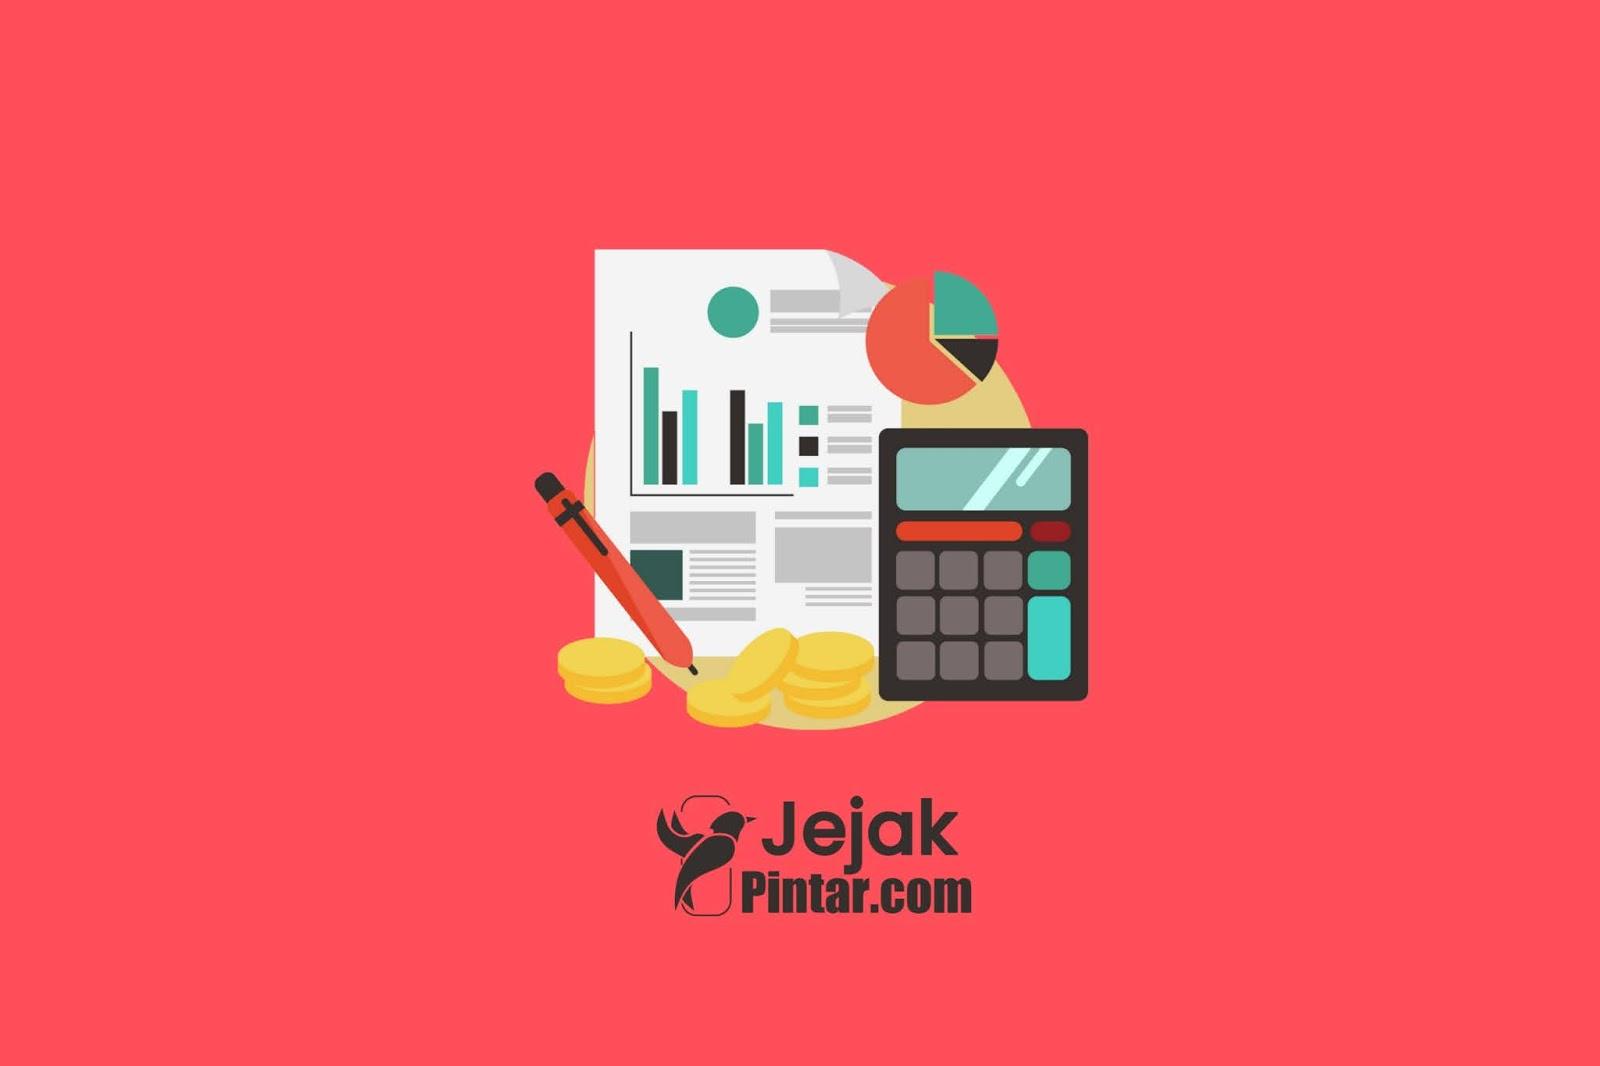 Memahami Akuntansi Keuangan : Pengertian, Fungsi dan Tujuan  dengan Mudah dan Paling Lengkap